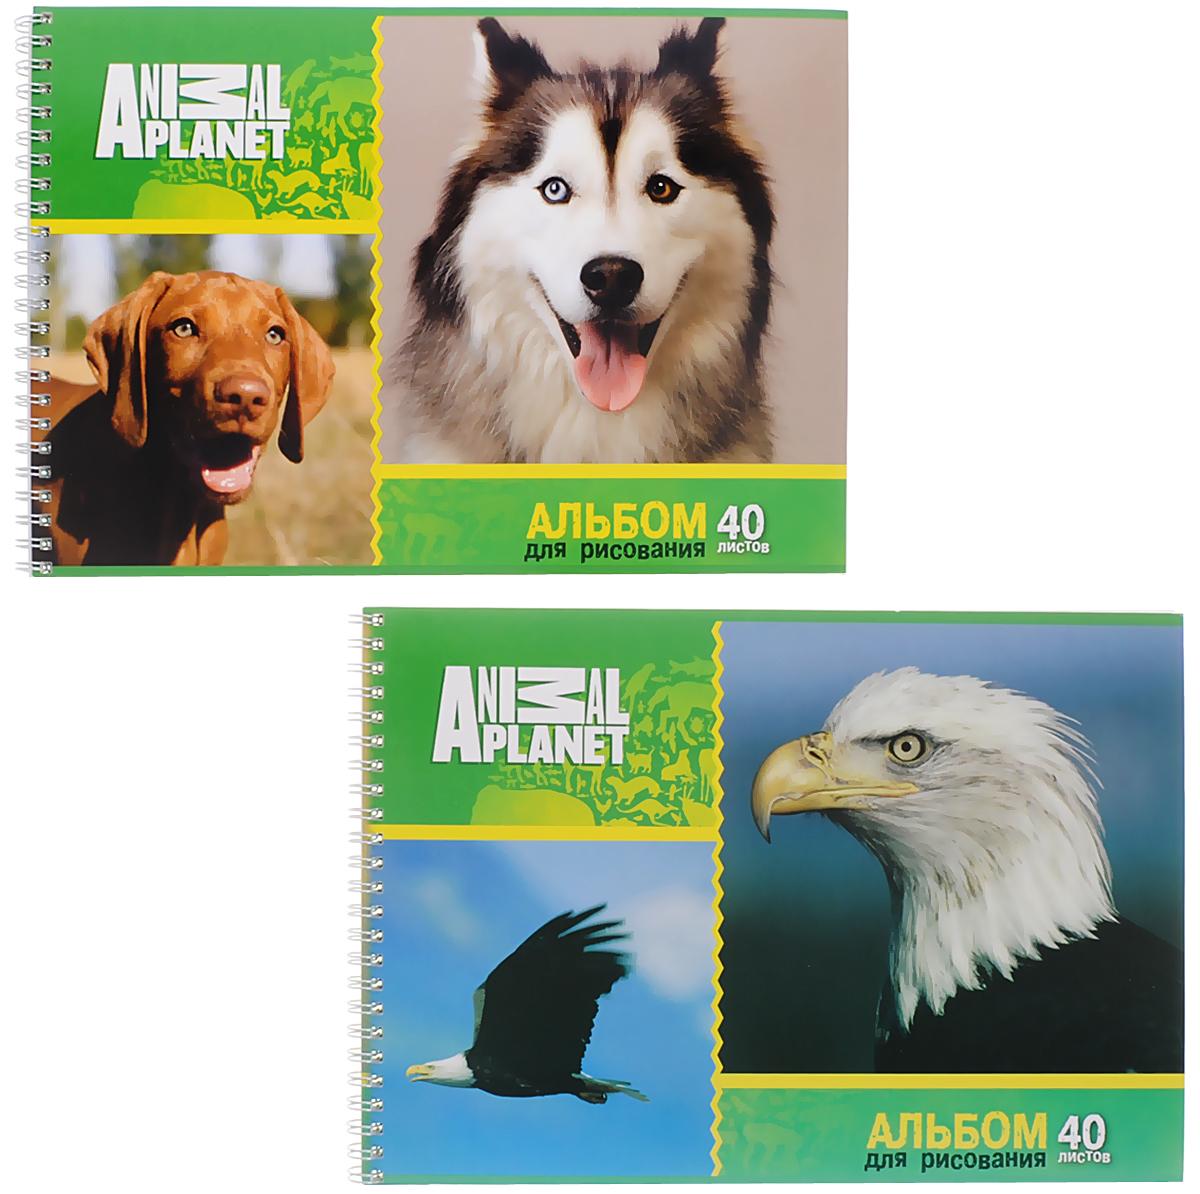 Action! Набор альбомов для рисования Орел и собаки 40 листов 2 шт0703415Альбом для рисования Action! Орел и собаки обязательно порадует маленького художника и вдохновит его на творчество. Альбом изготовлен из белоснежной бумаги с яркой обложкой из плотного картона. Внутренний блок альбома на гребне. Один альбом содержит 40 листов. В набор входят два альбома.